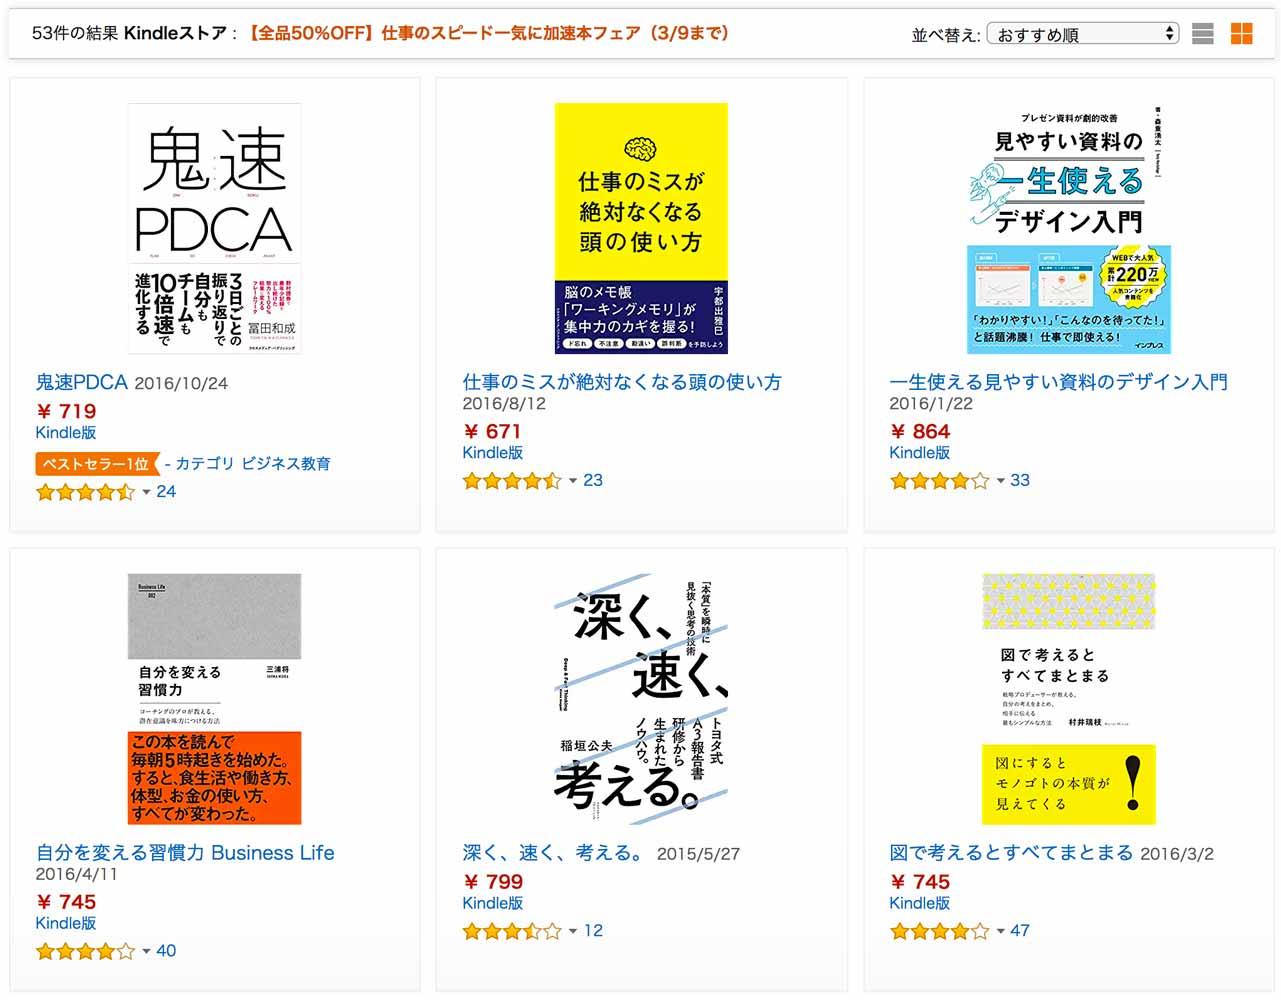 【全品50%オフ】Kindleストア、「仕事のスピード一気に加速本フェア」実施中(3/9まで)